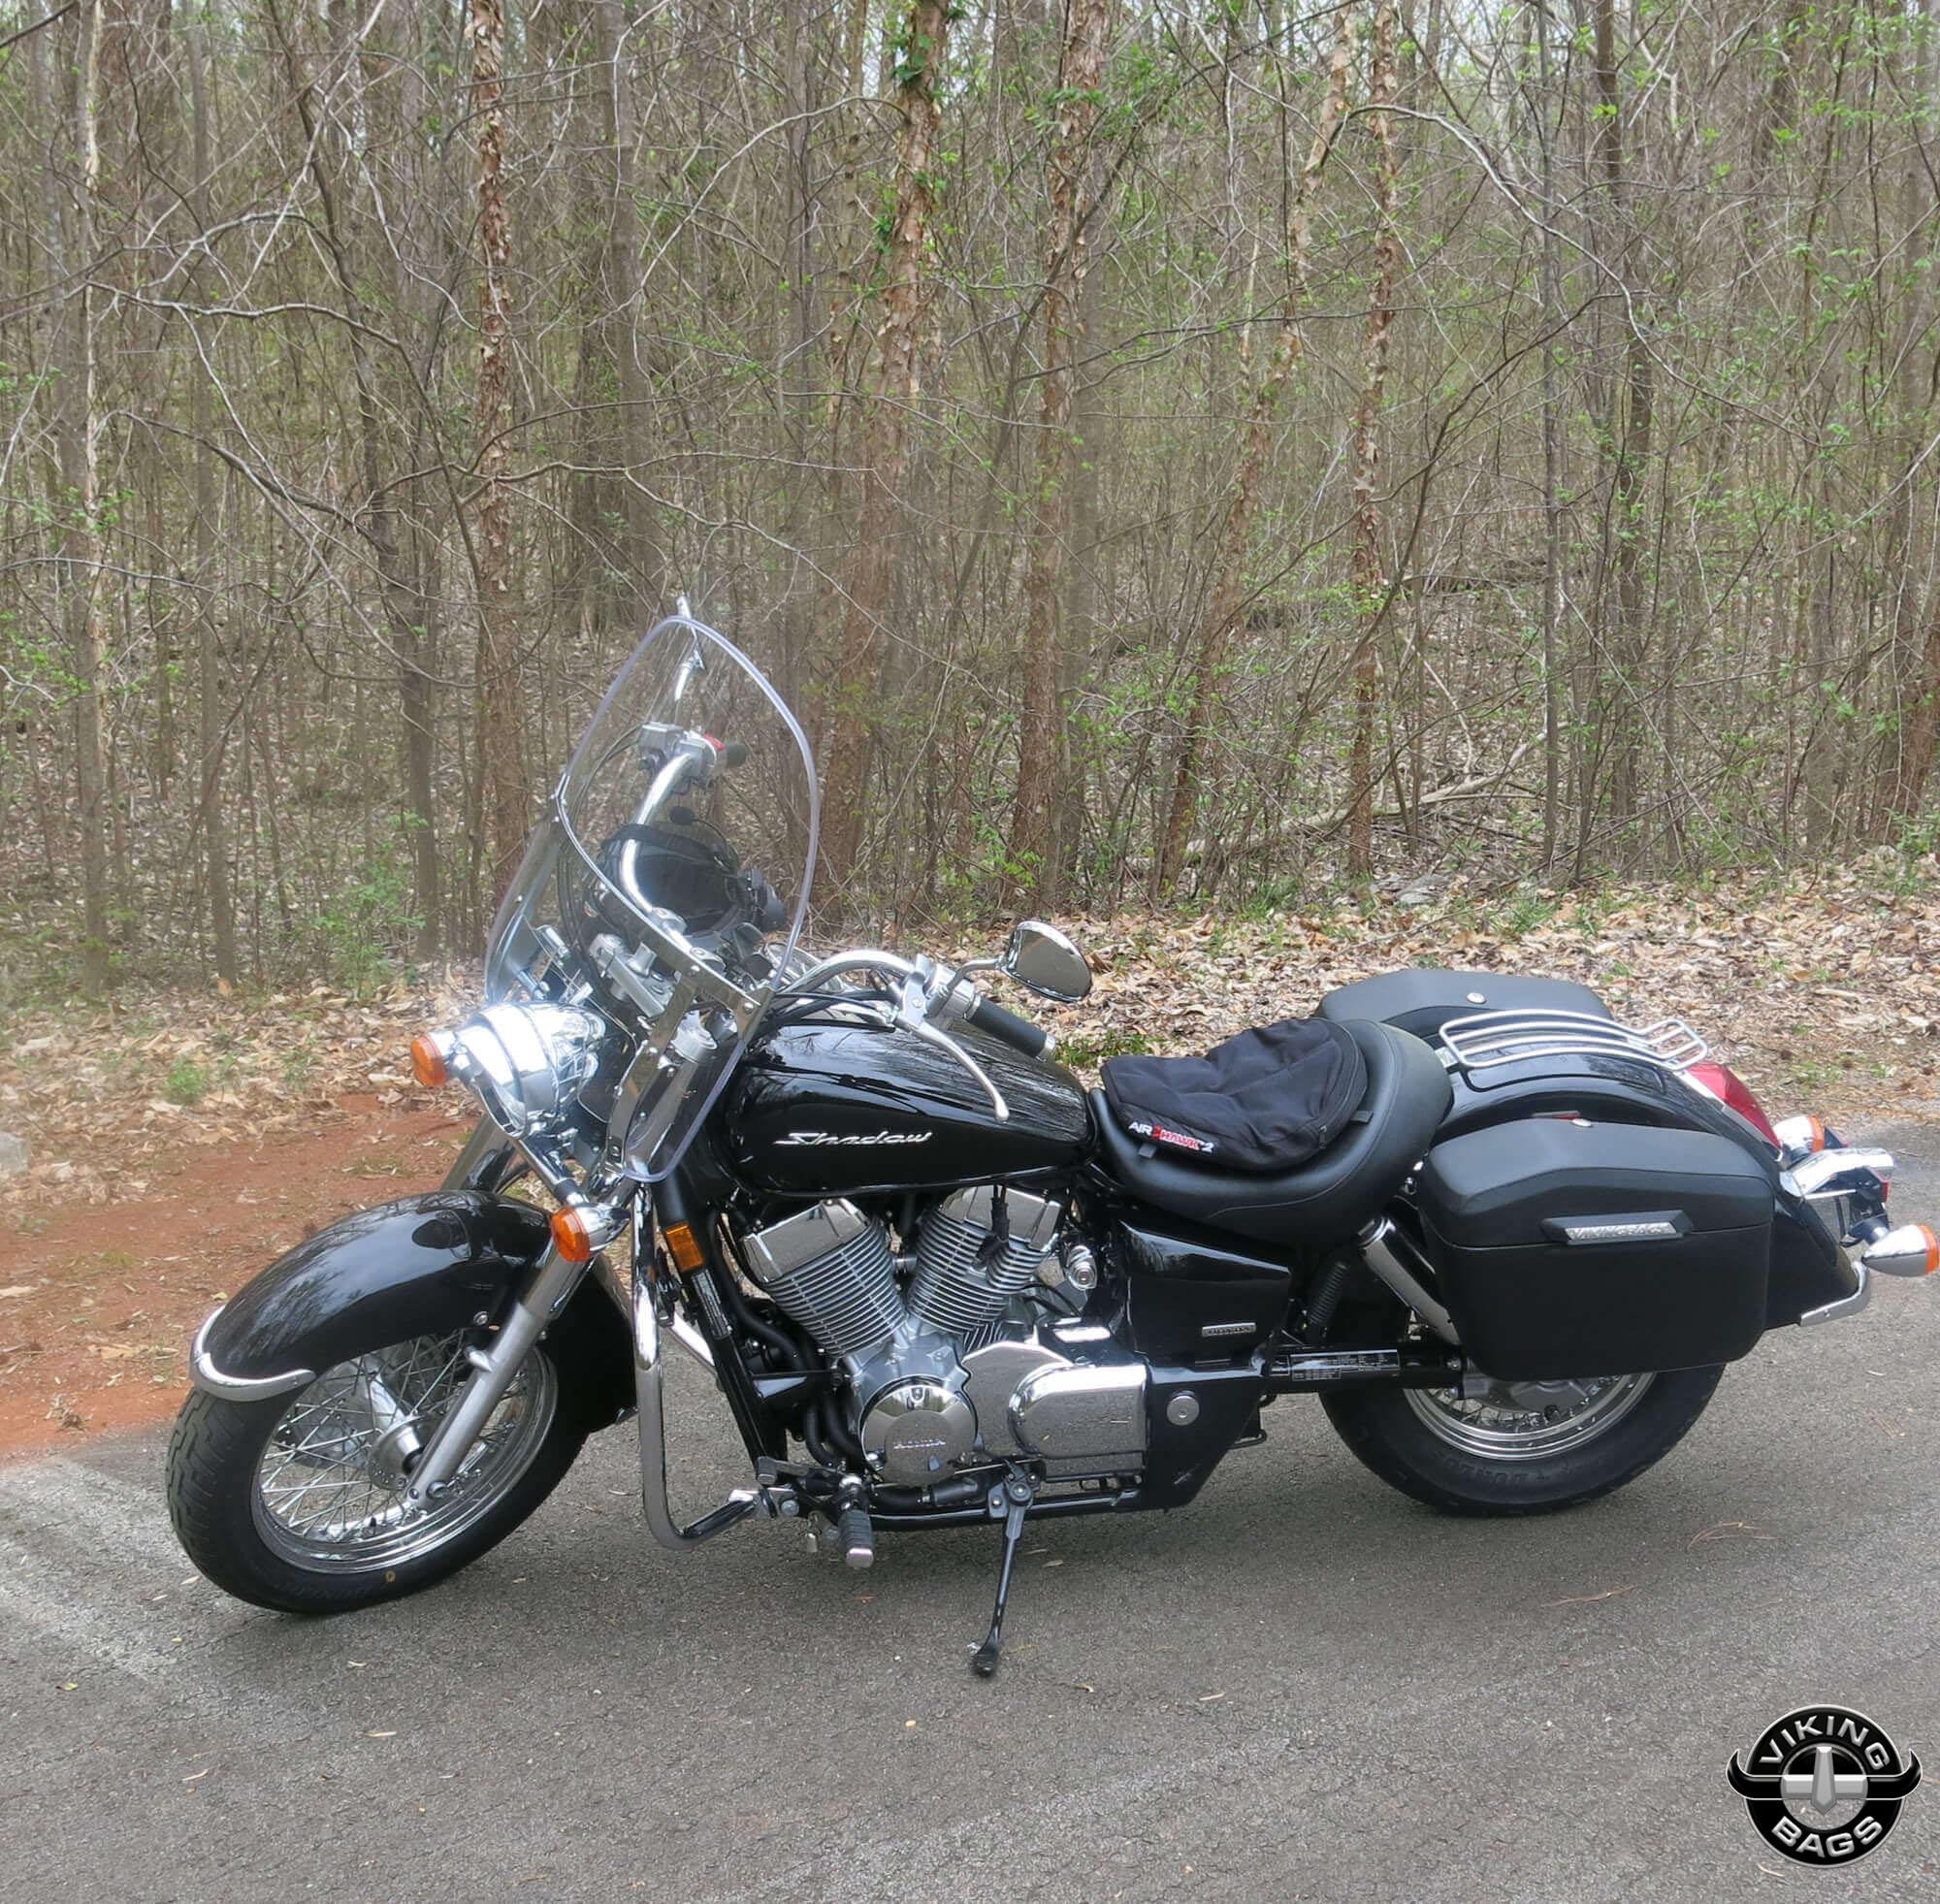 stephen s 13 honda shadow w lamellar hard motorcycle saddlebags  [ 2000 x 1963 Pixel ]